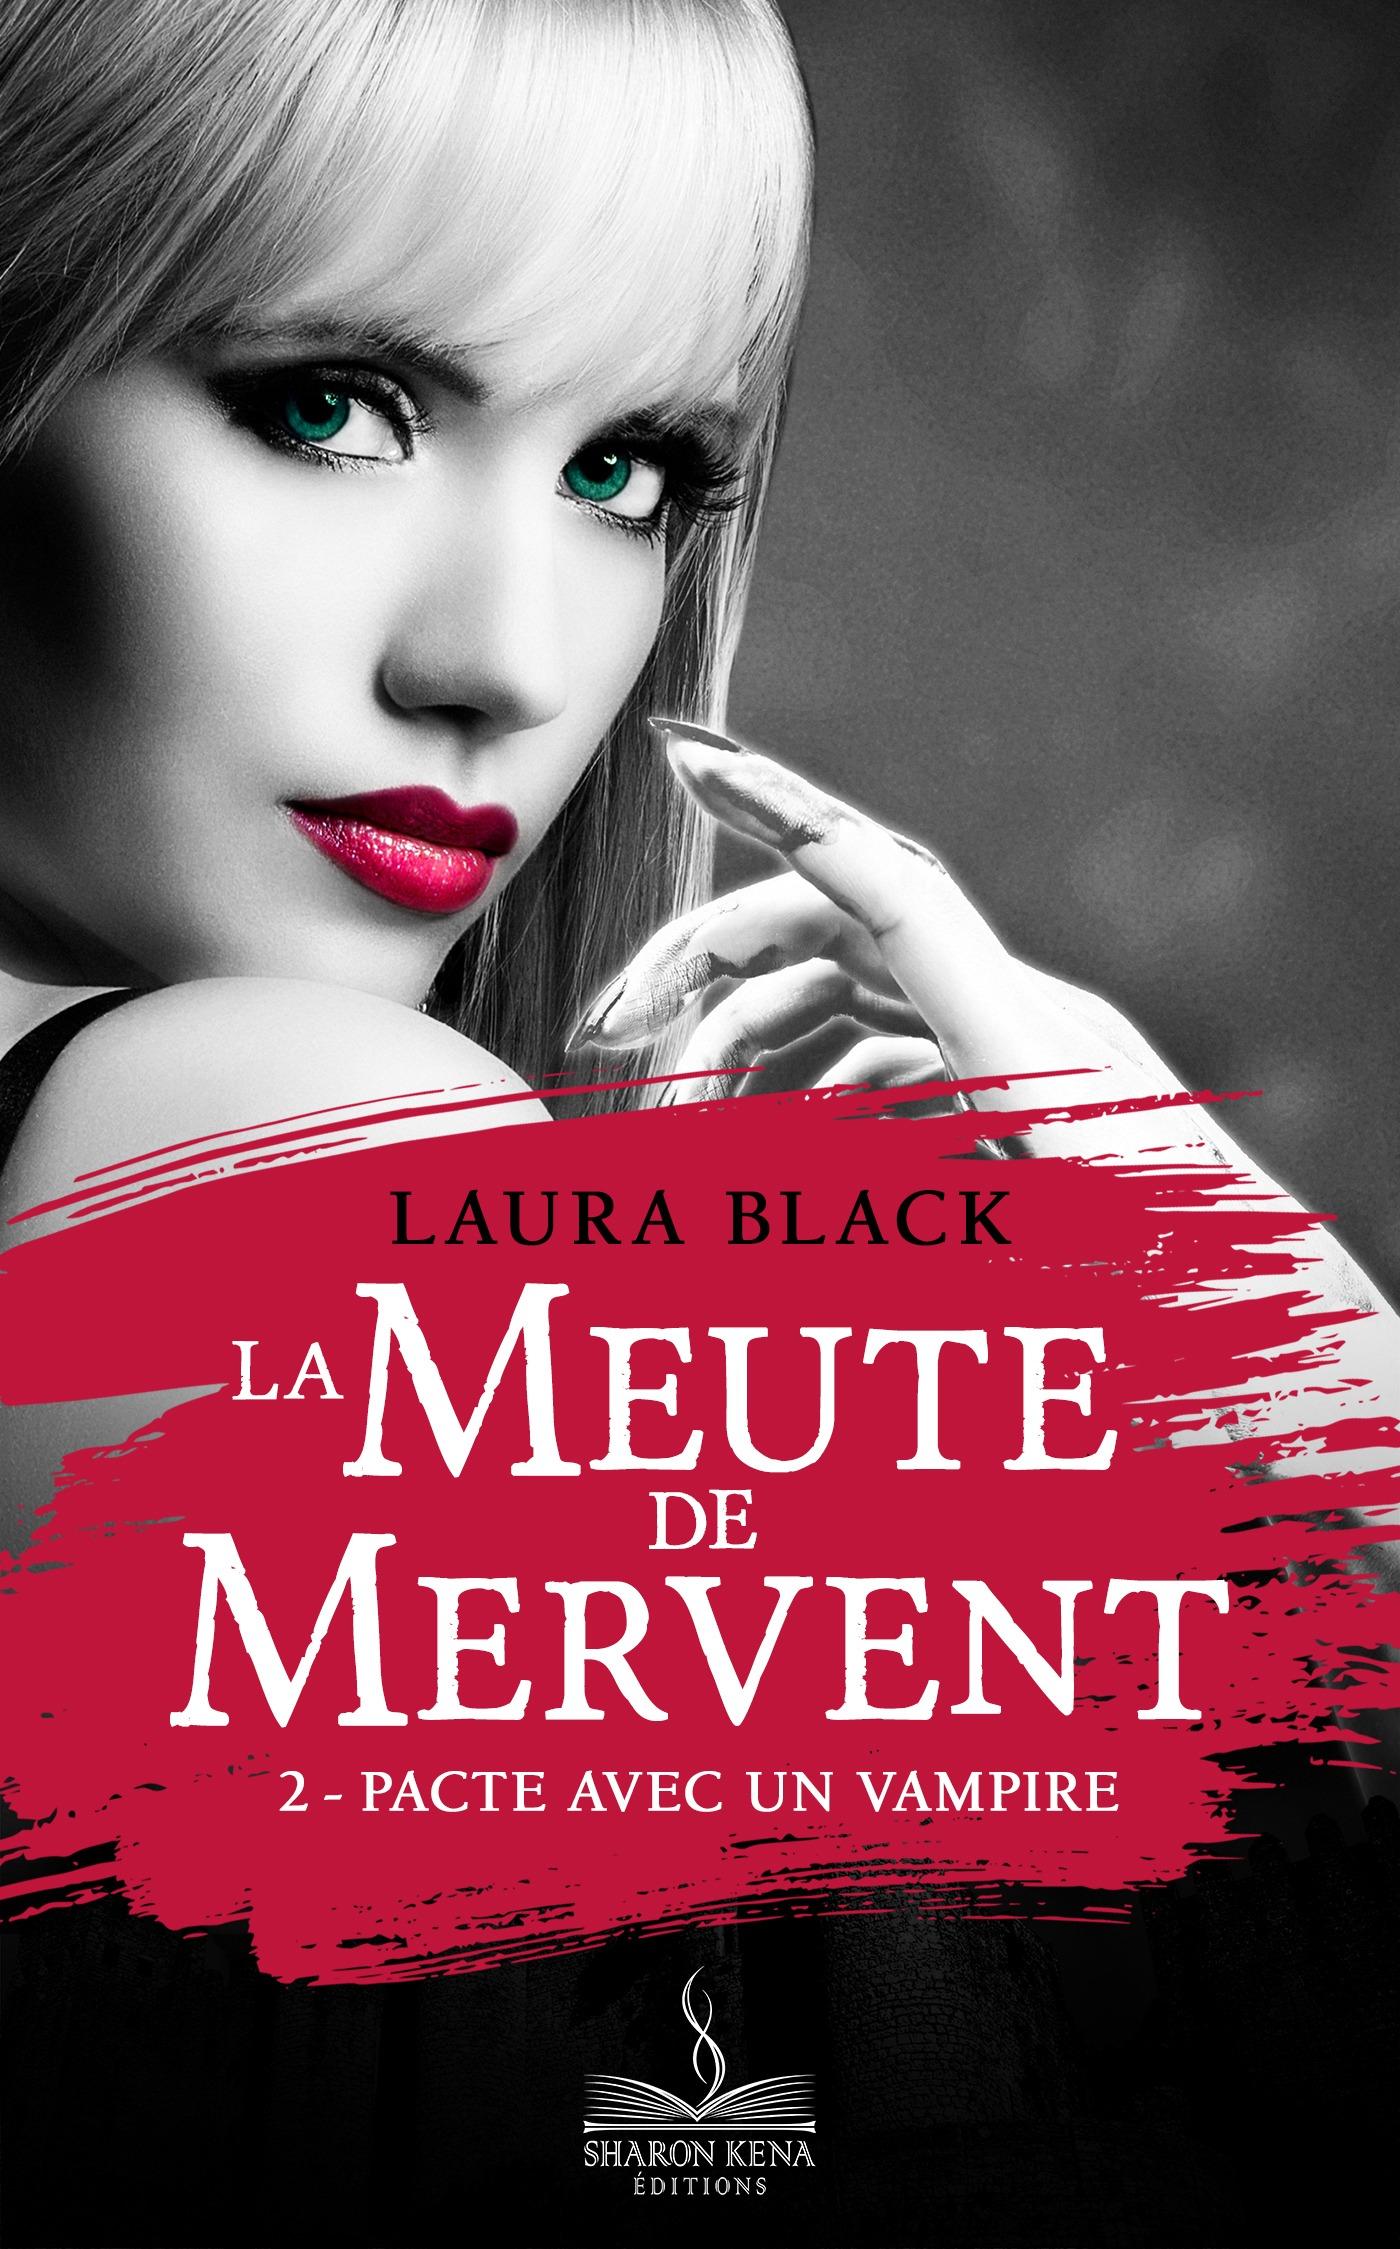 La Meute de Mervent, LA MEUTE DE MERVENT, T2